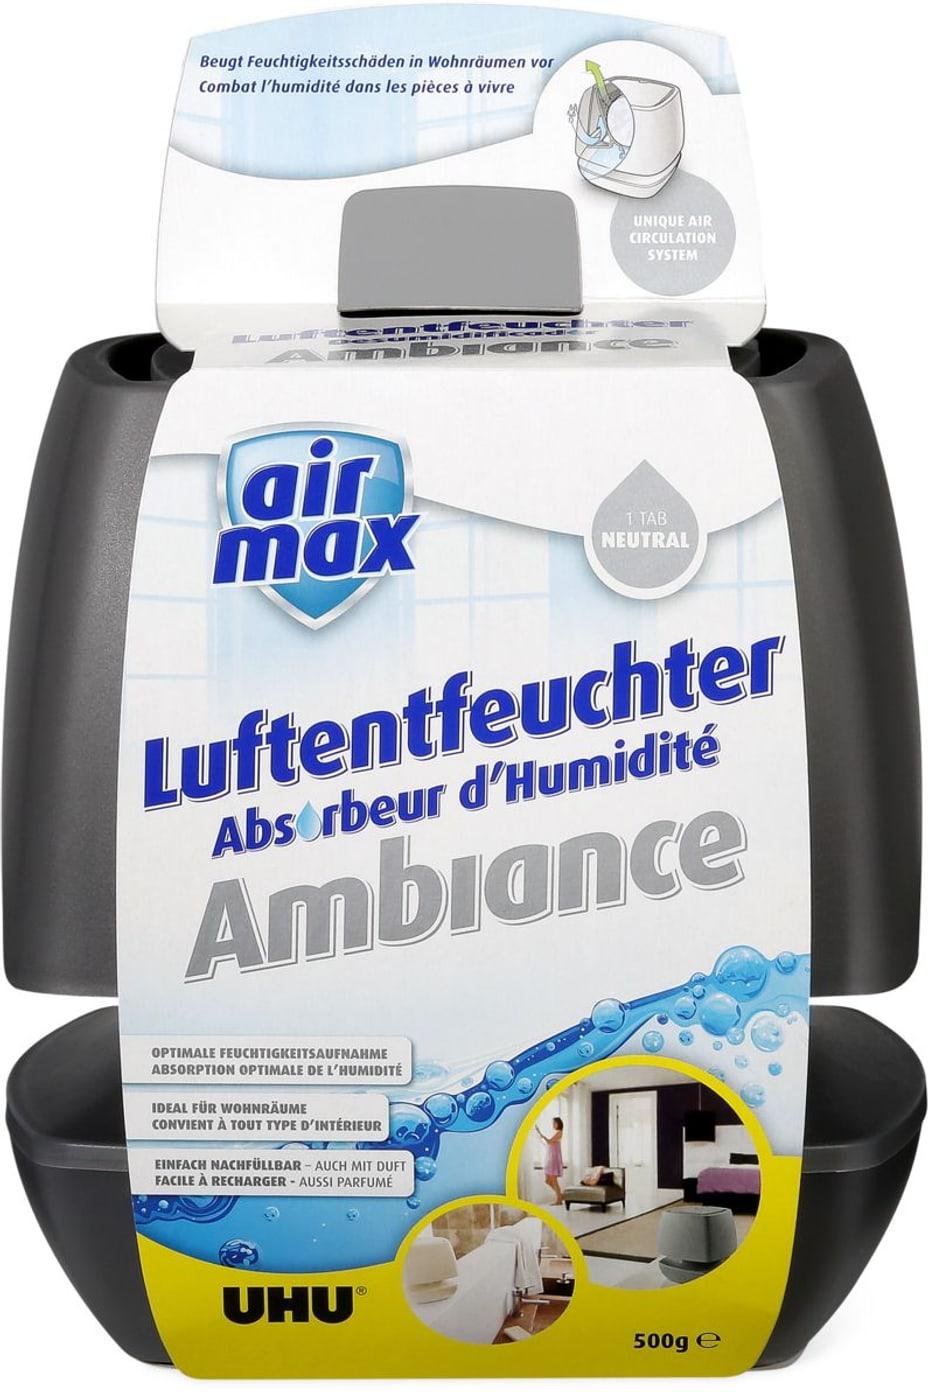 Absorbeur D Humidité Avis uhu absorbeur d'humidité